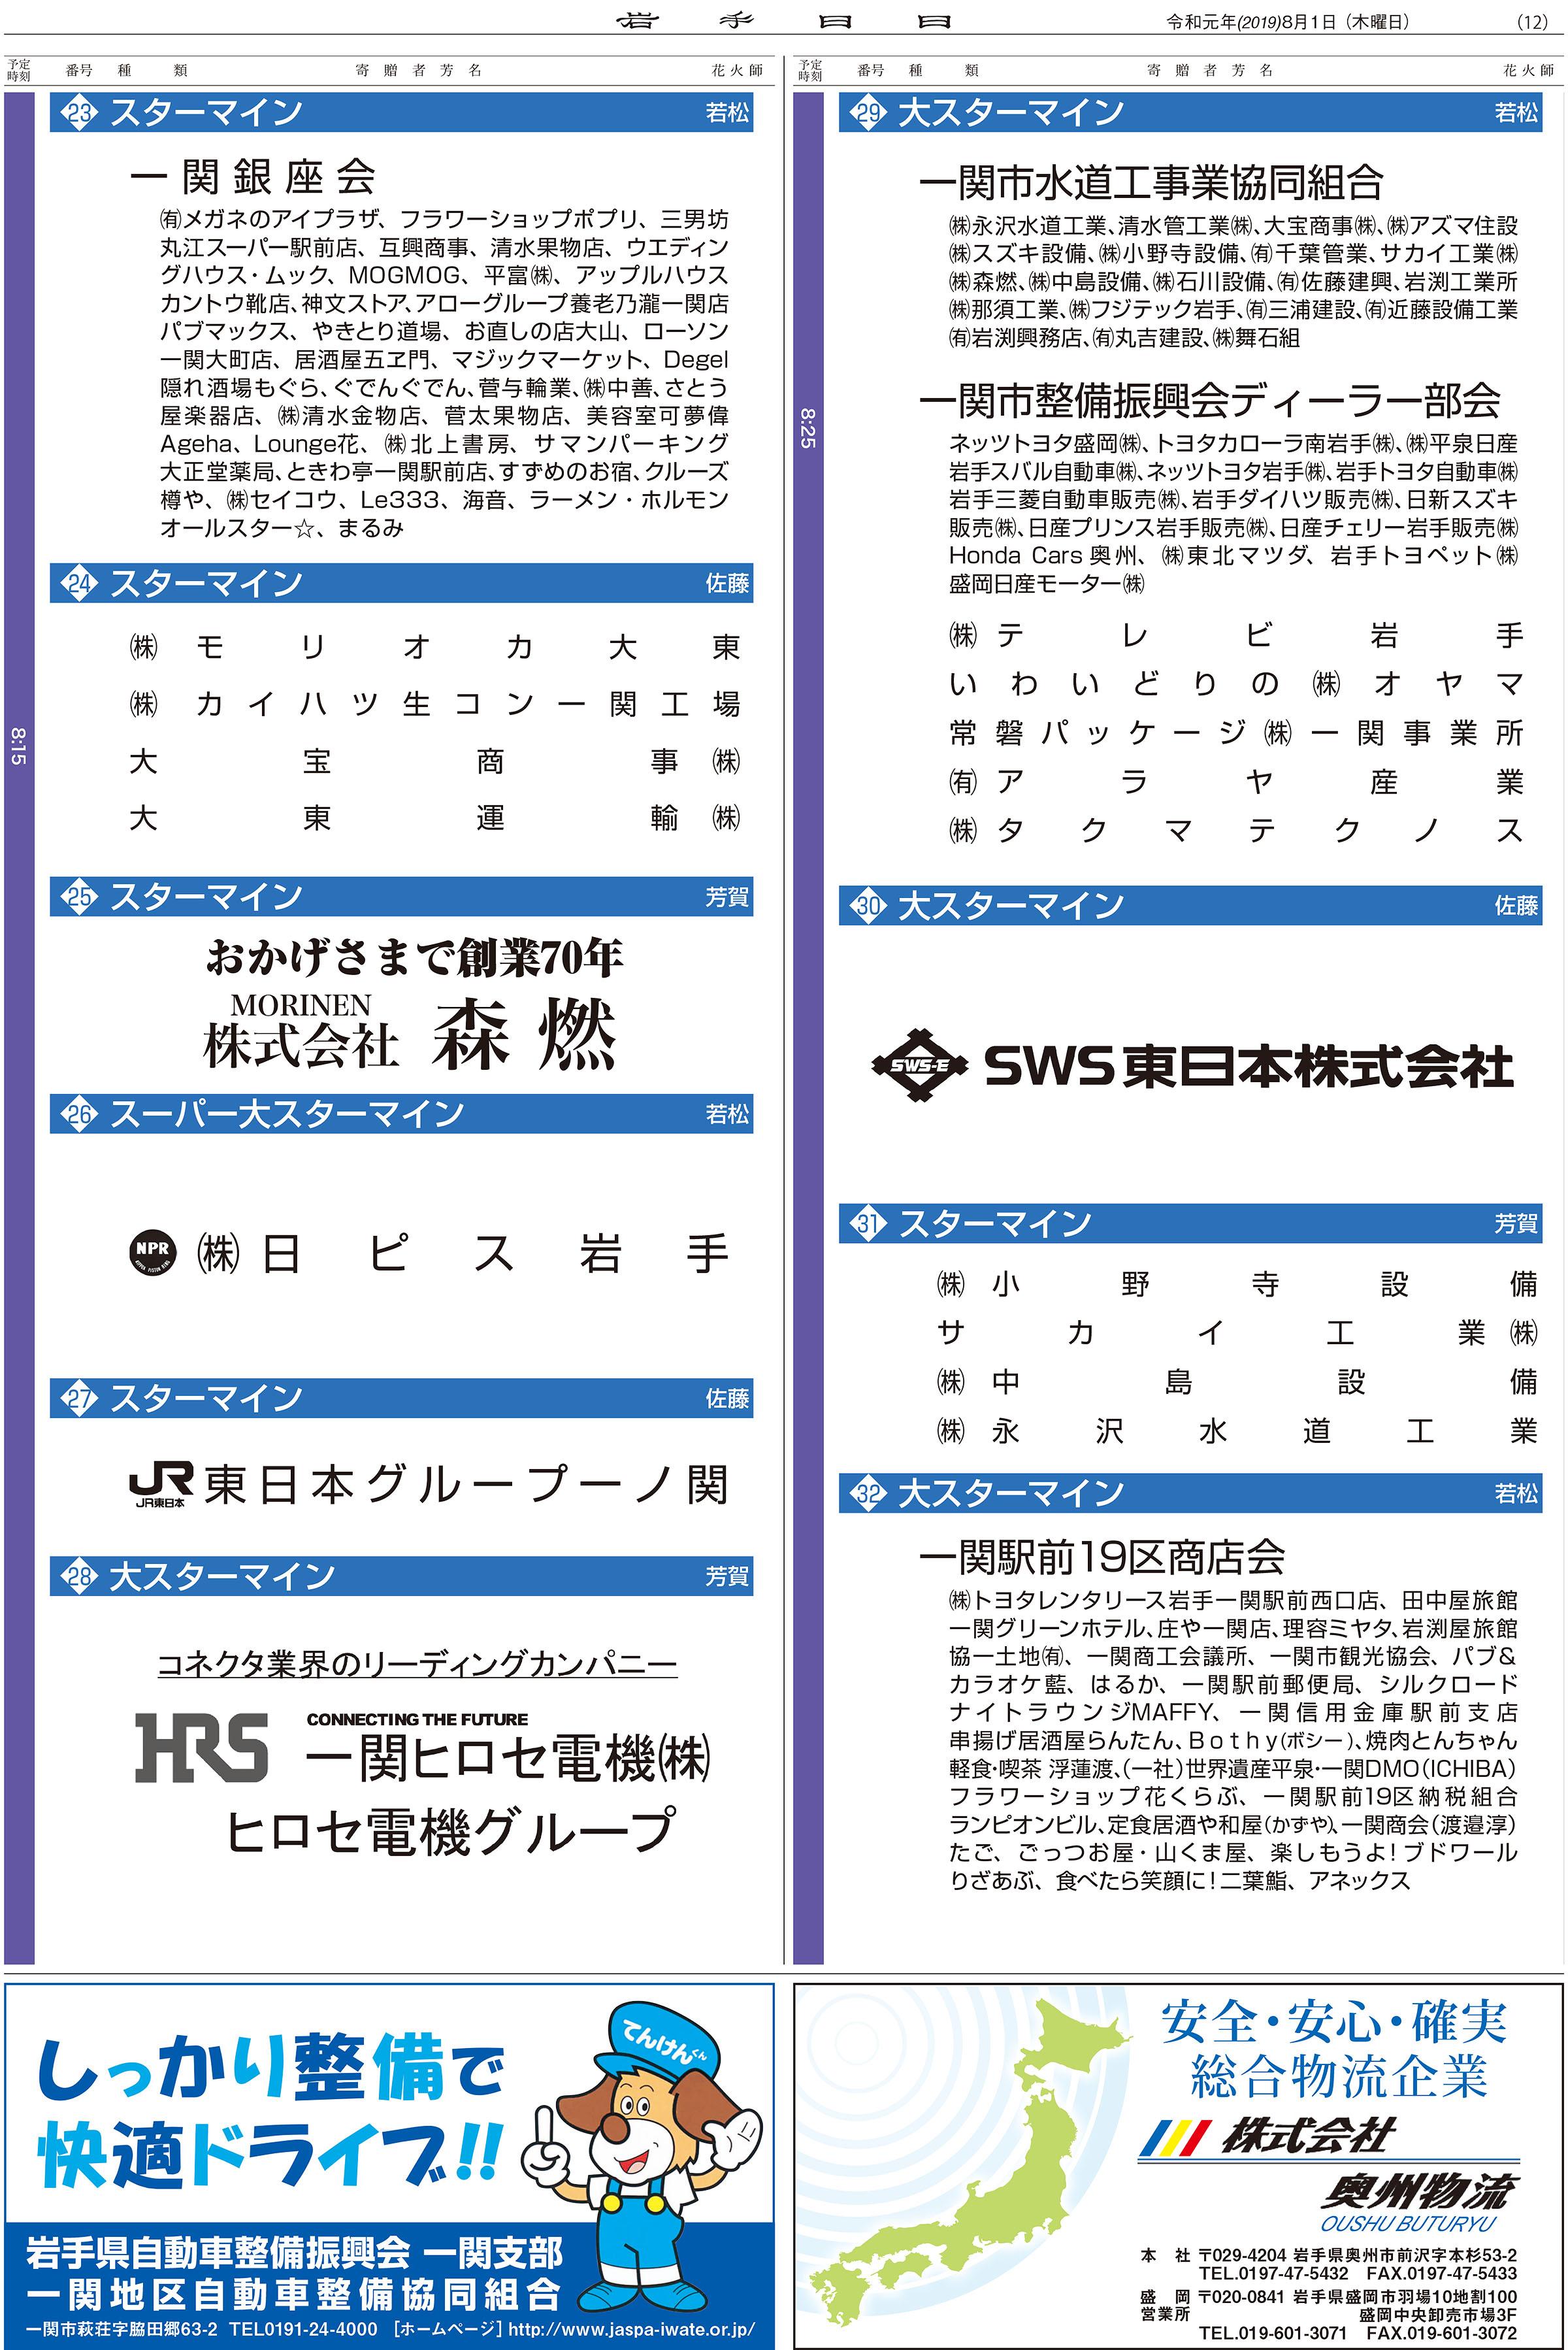 いちのせき夏まつり増刊号